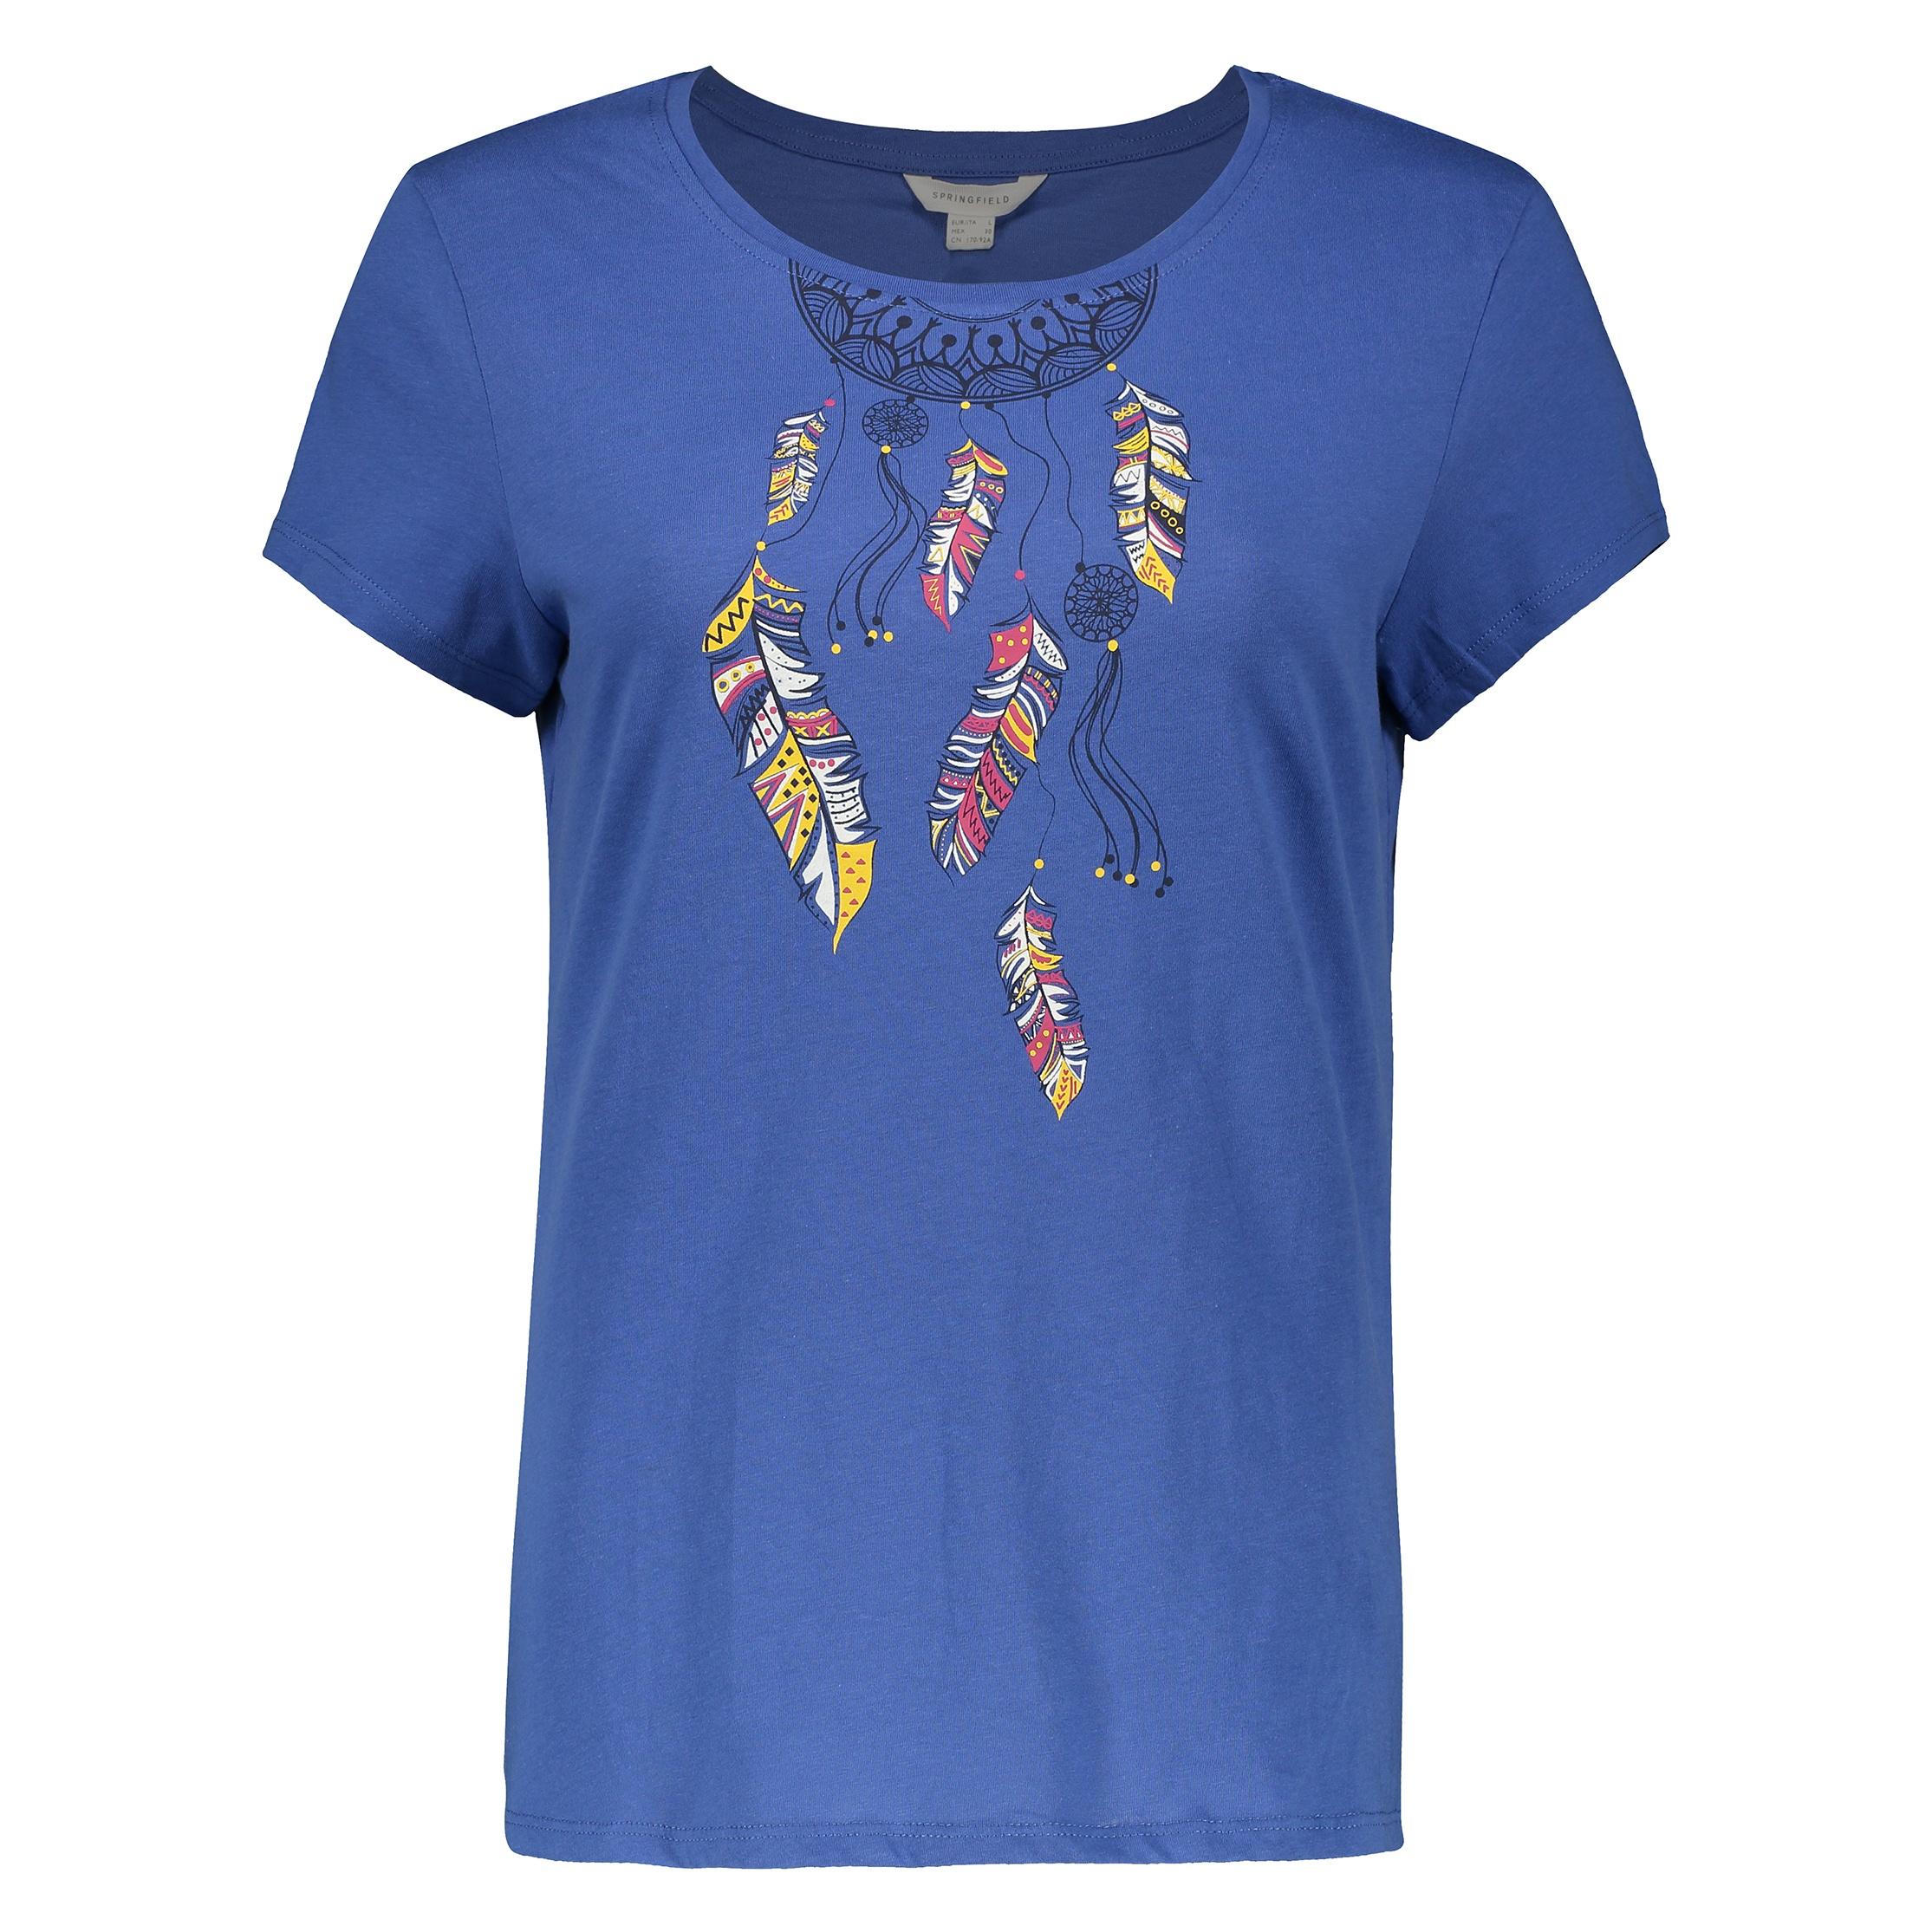 تی شرت زنانه اسپرینگ فیلد مدل 1383531-Blue